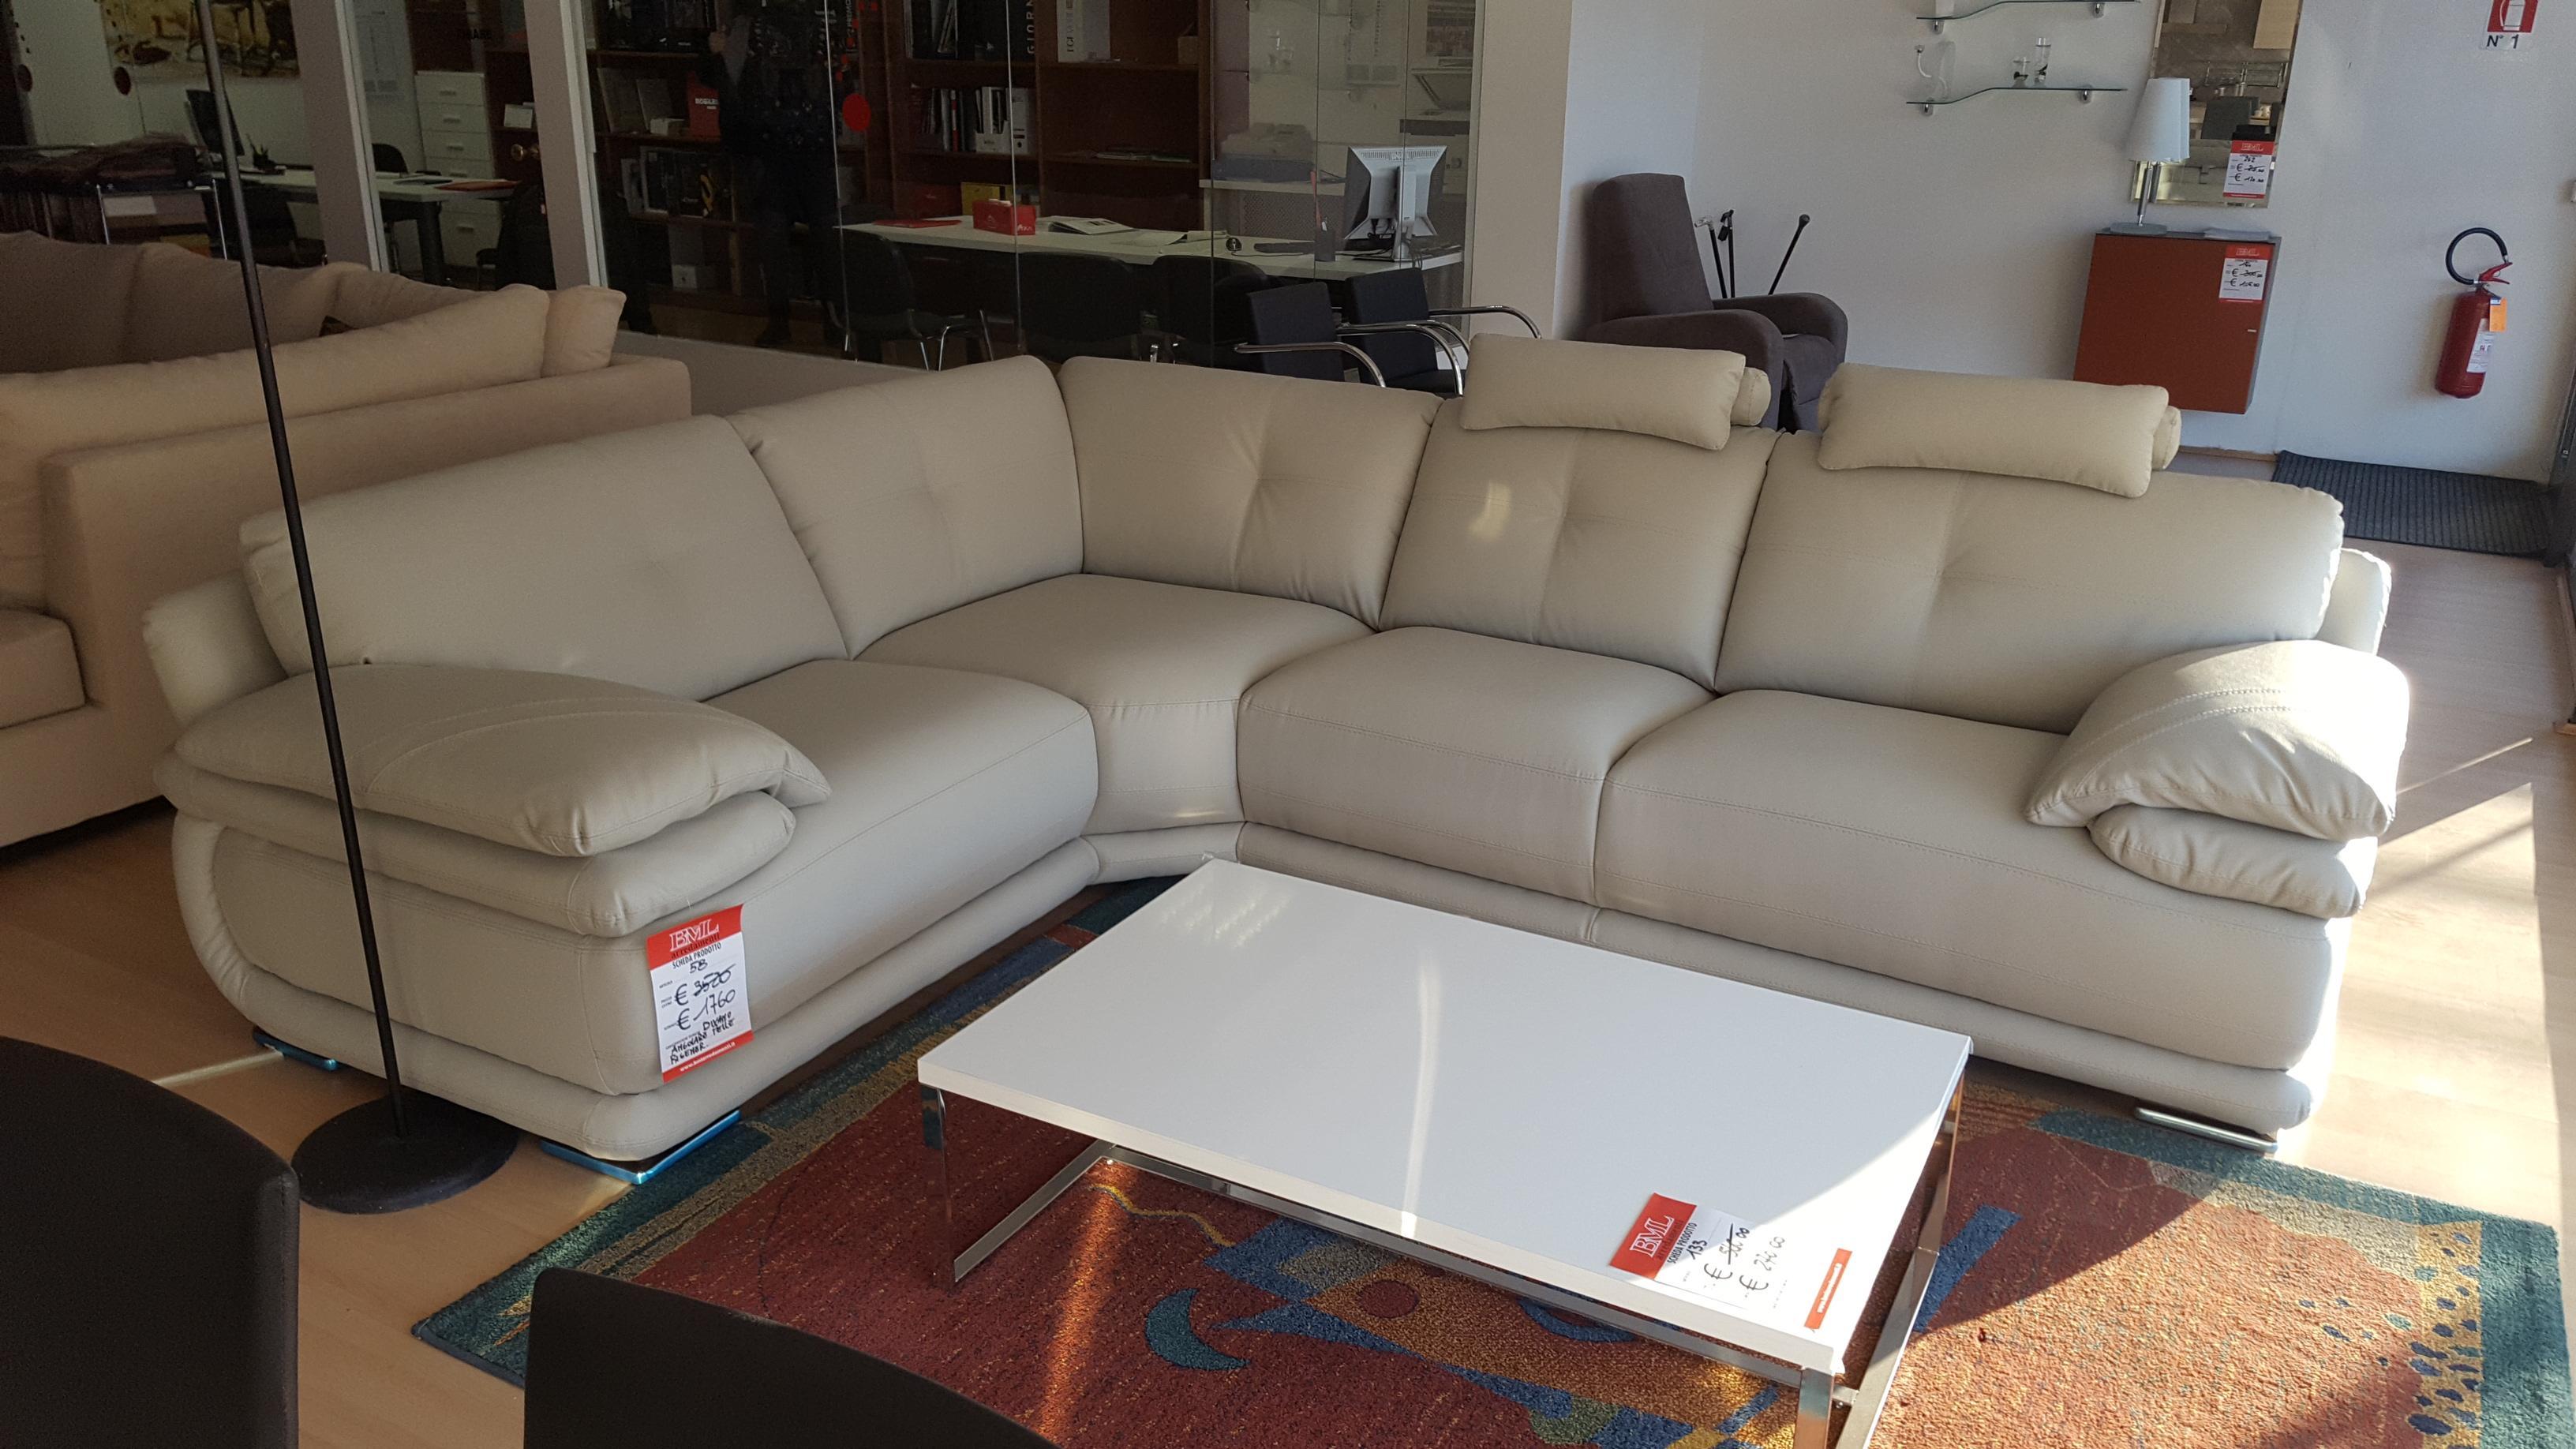 Divano angolare in pelle rigenerata outlet mobili e arredamento a vicenza cucine - Outlet del divano assago ...